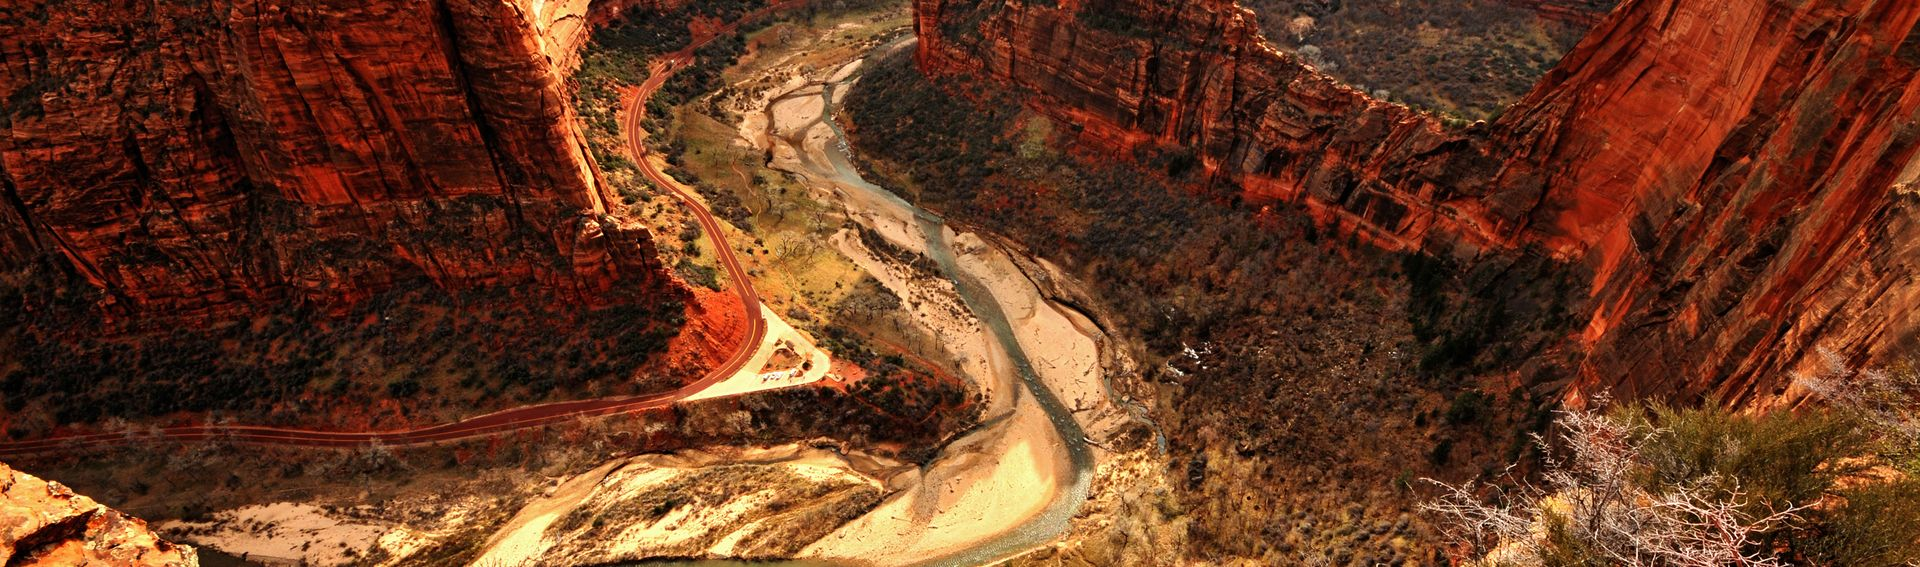 Parc national Zion